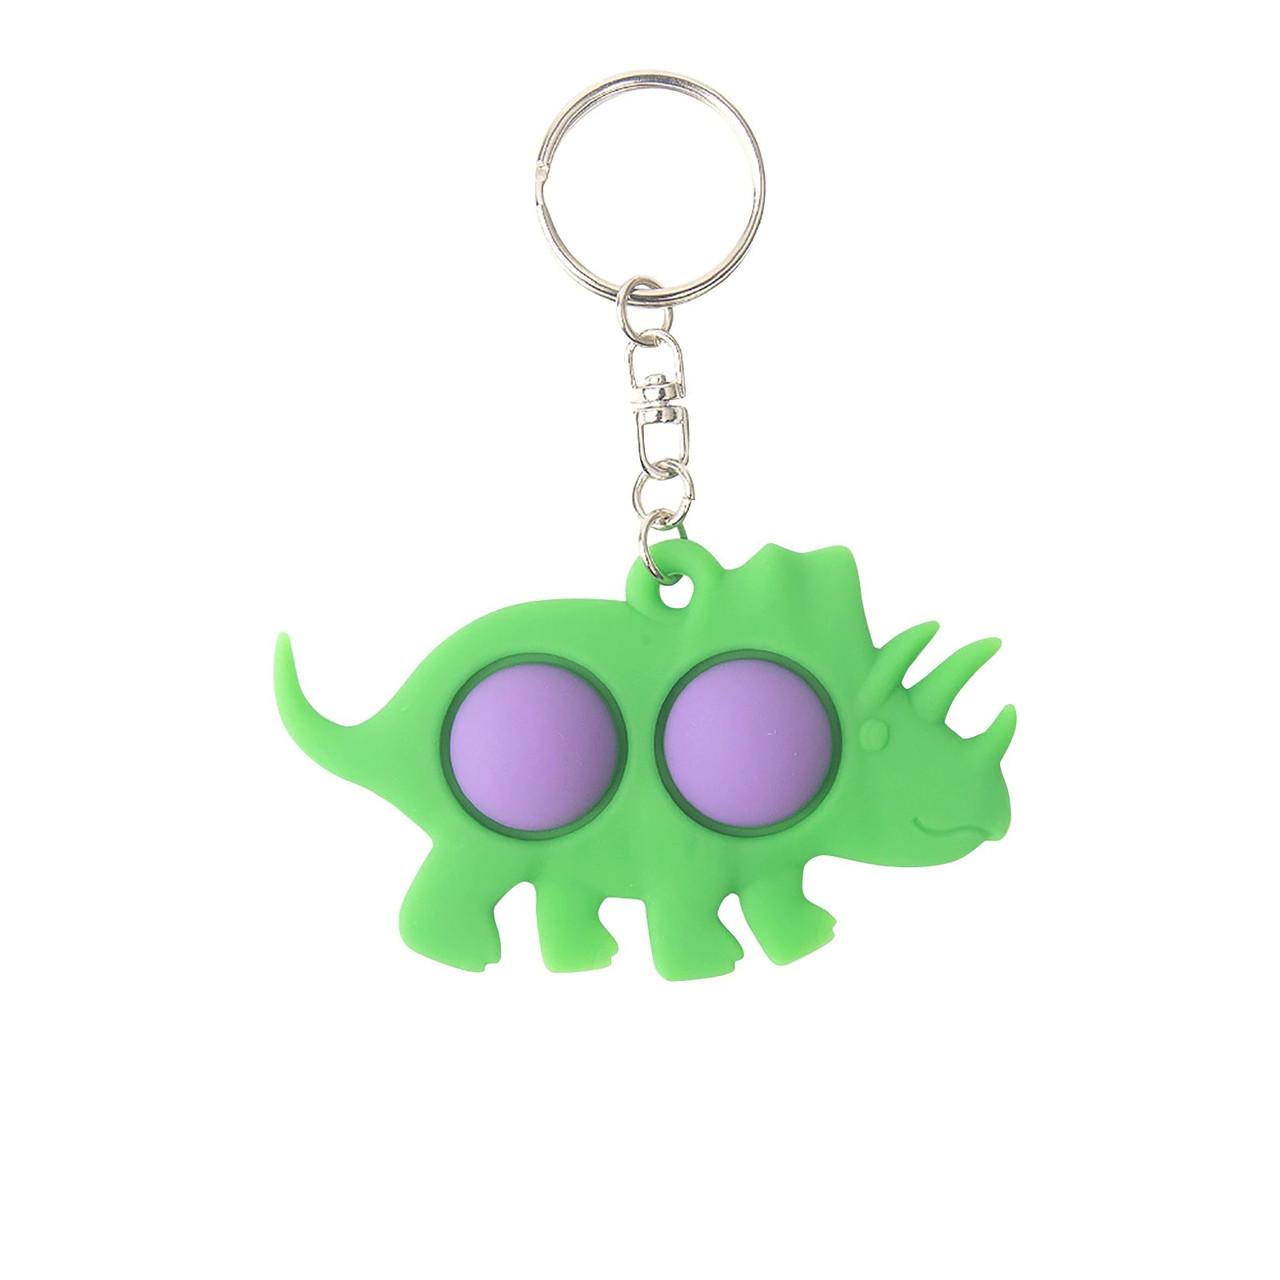 Сенсорна іграшка Simple Dimple поп іт антистрес сімпл дімпл pop it динозавр фіолетовий